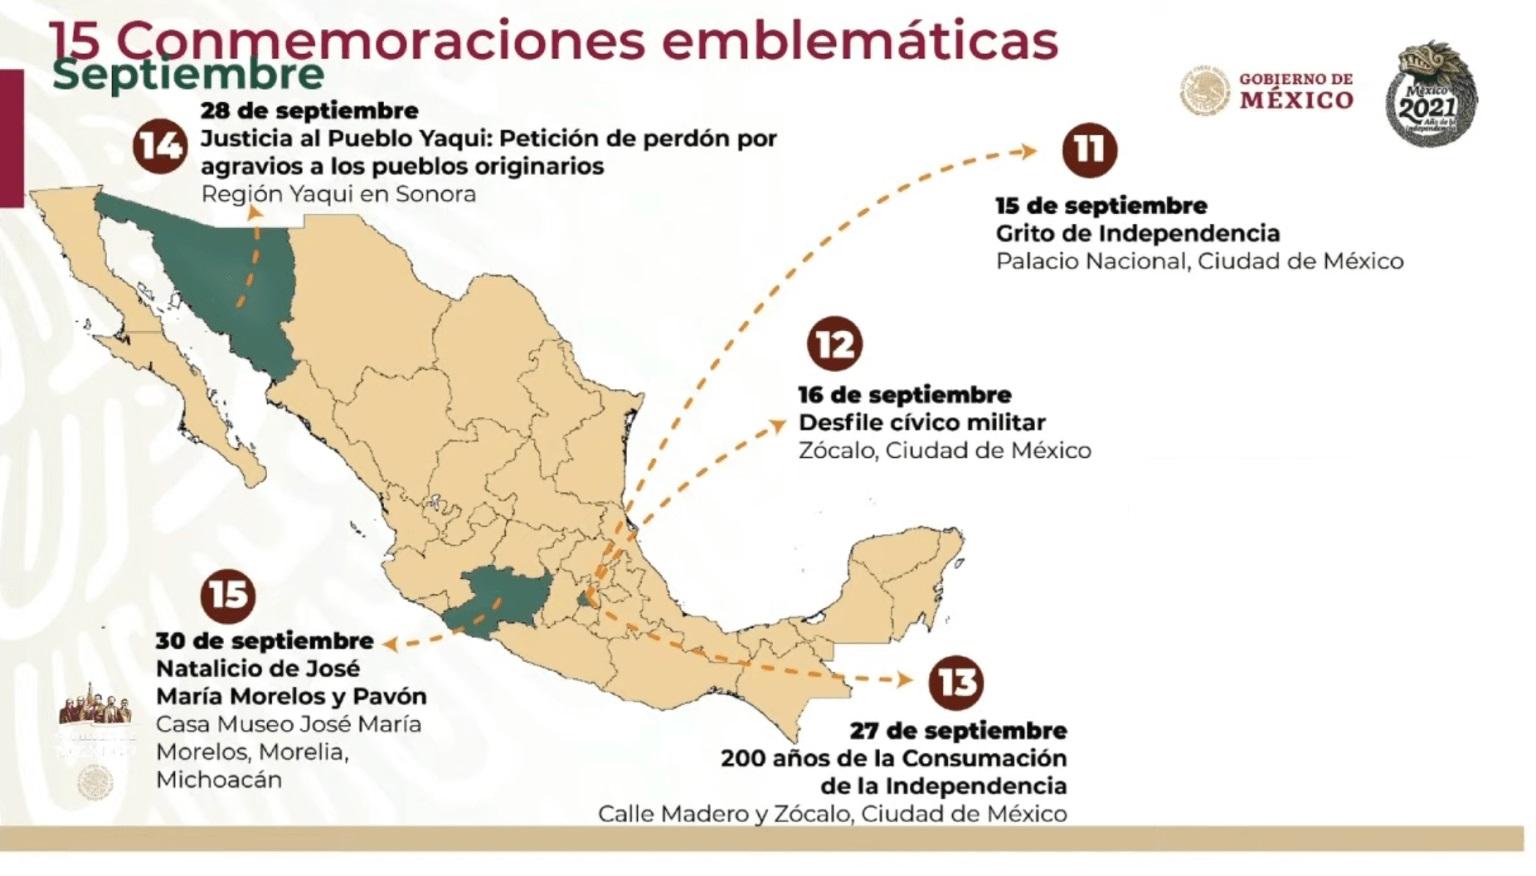 Las 15 conmemoraciones emblemáticas para 2021. (Foto: Redes sociales Gobierno de México)